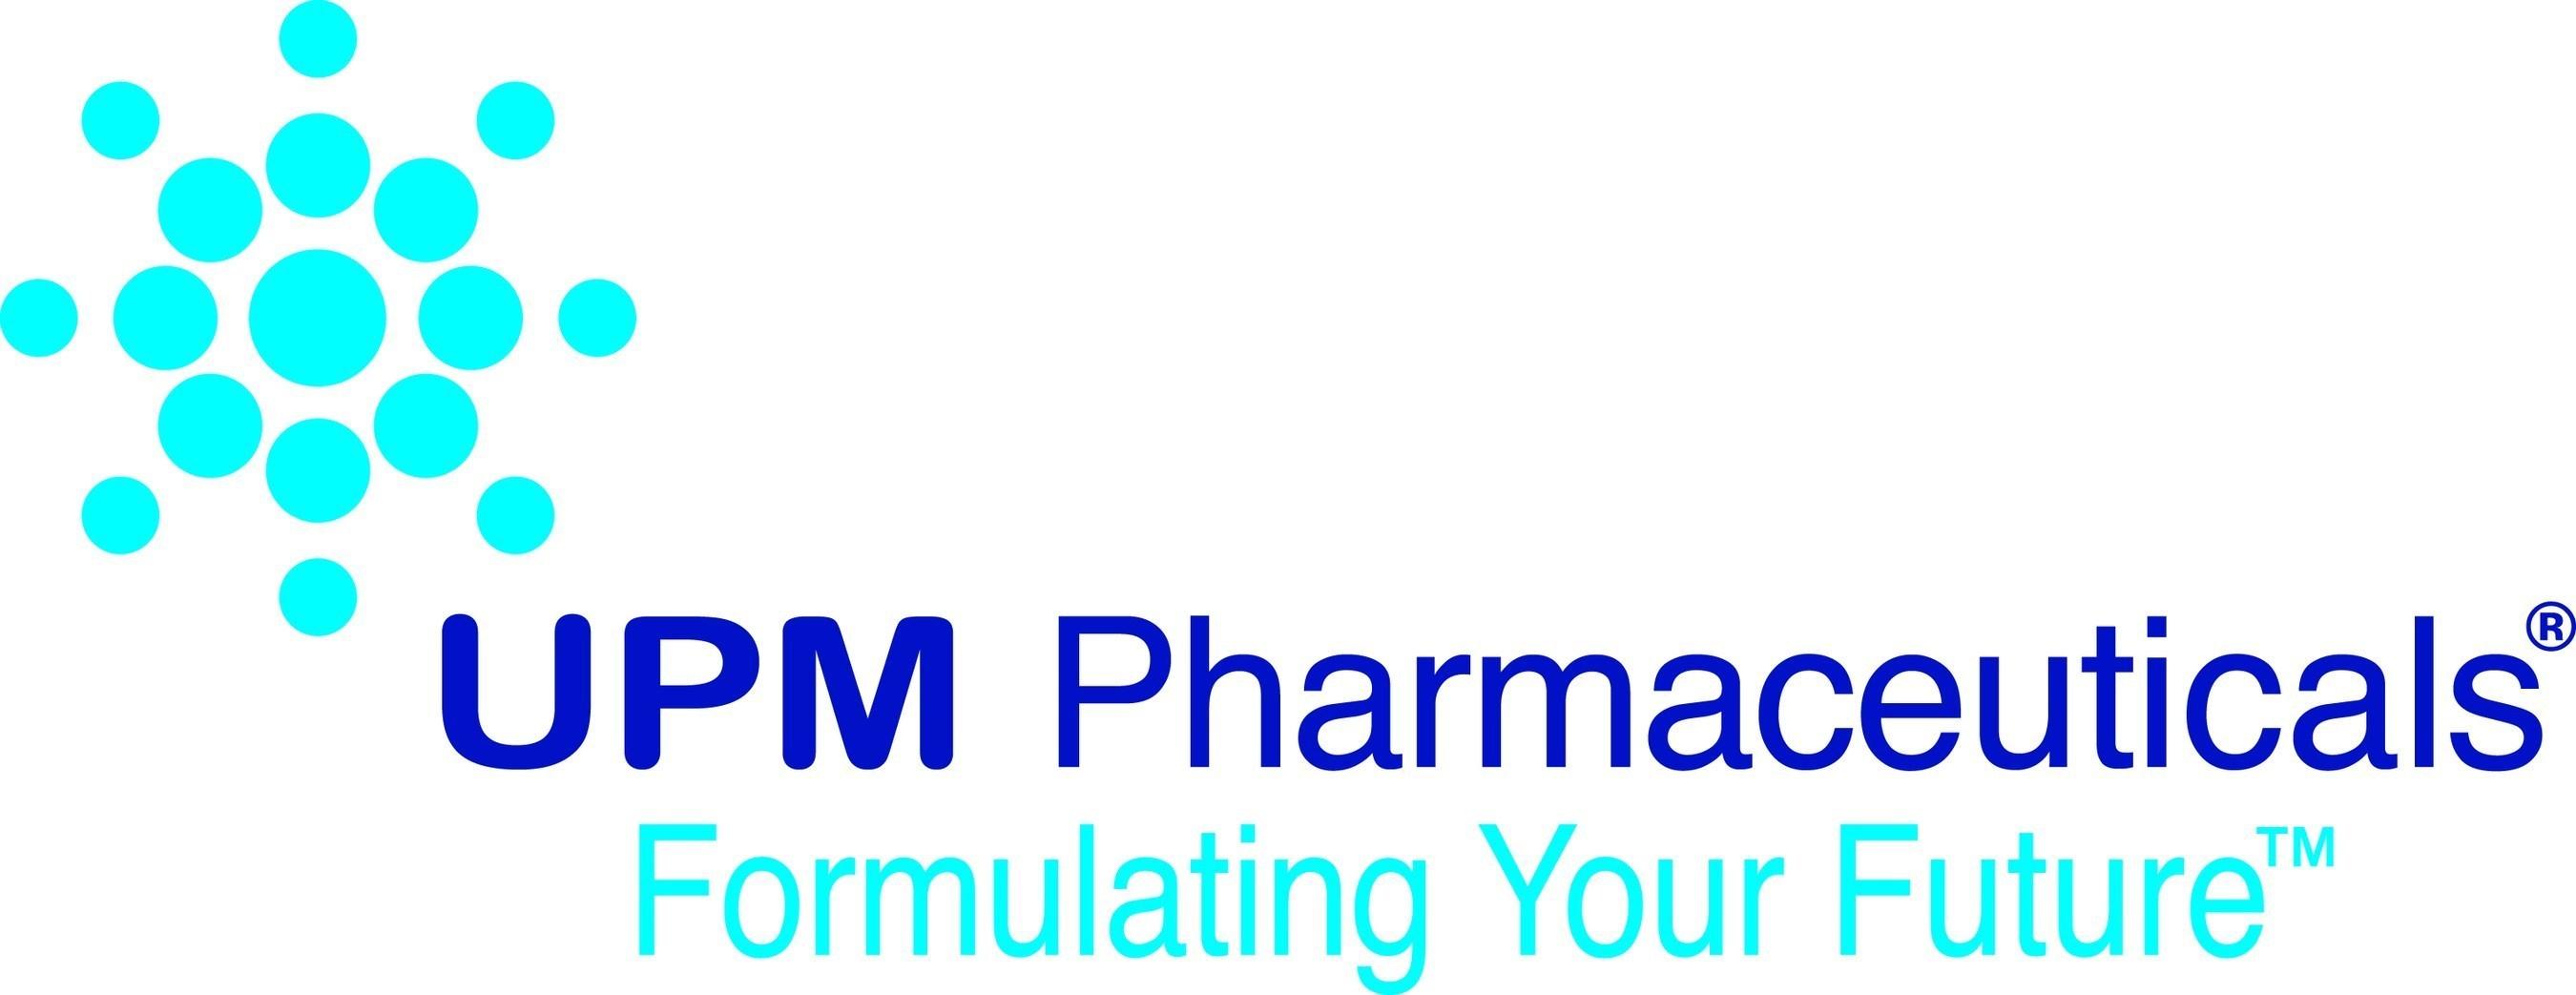 UPM Pharmaceuticals Inc.